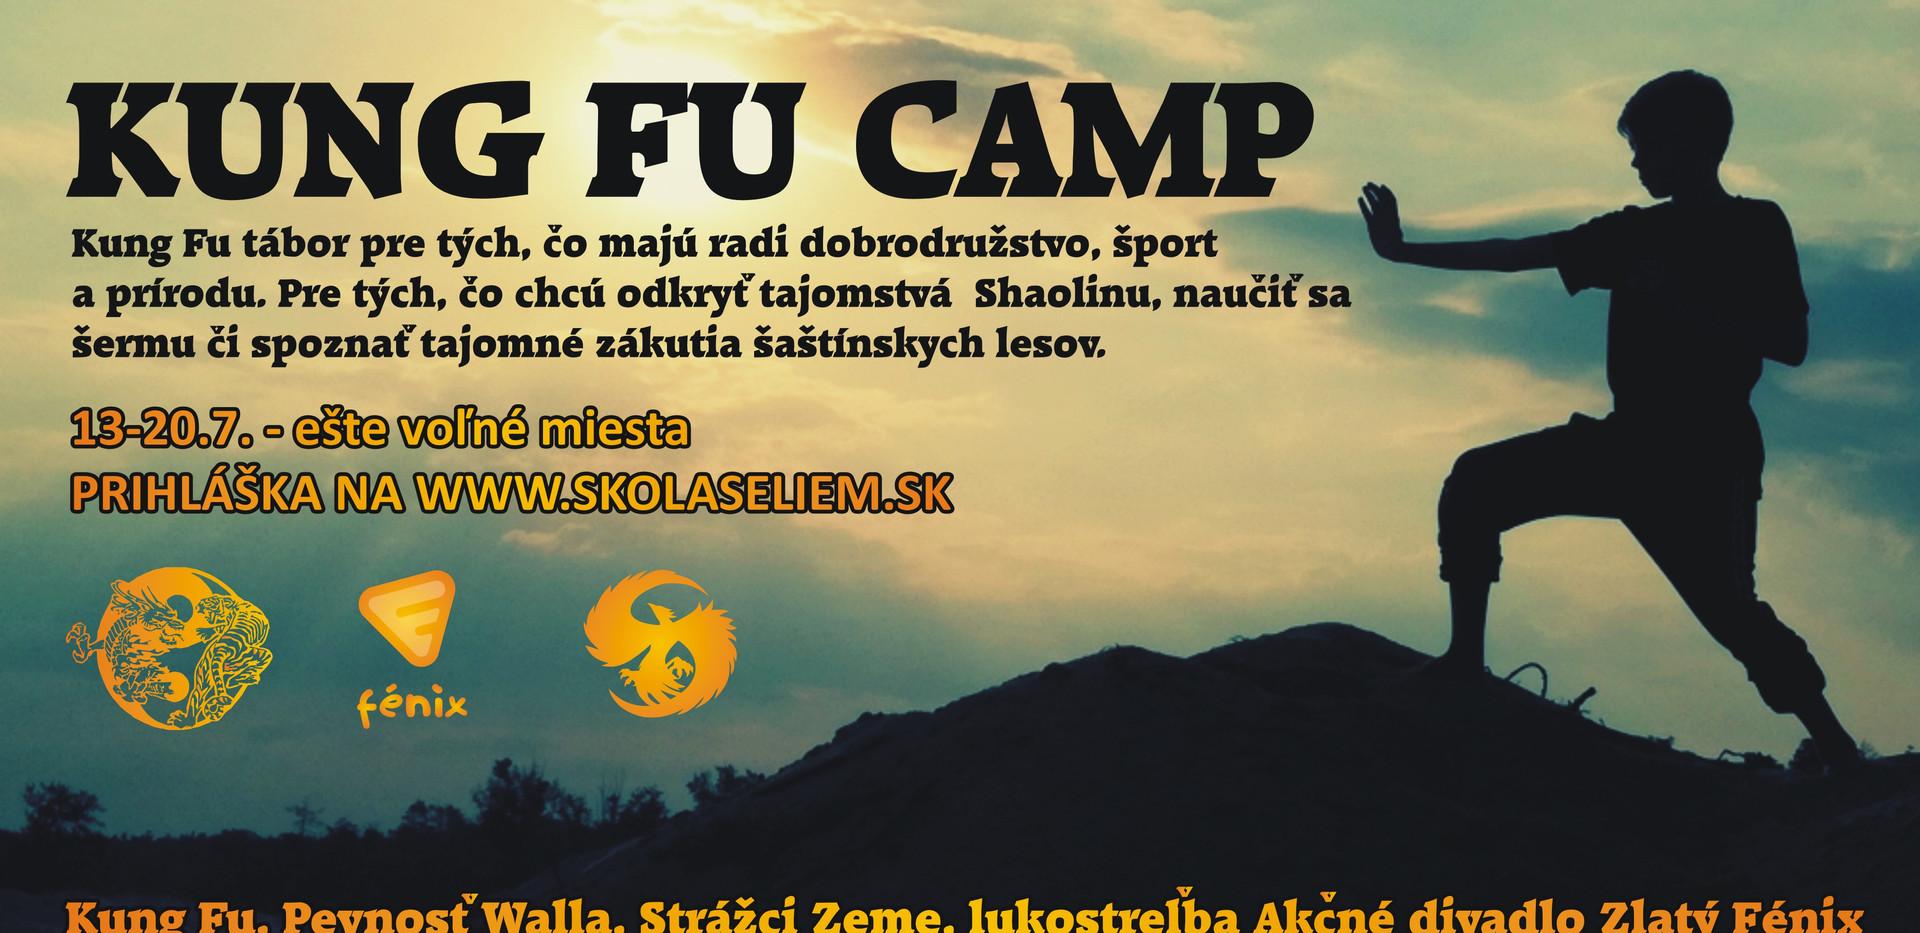 Kung fu camp - voľné miesta